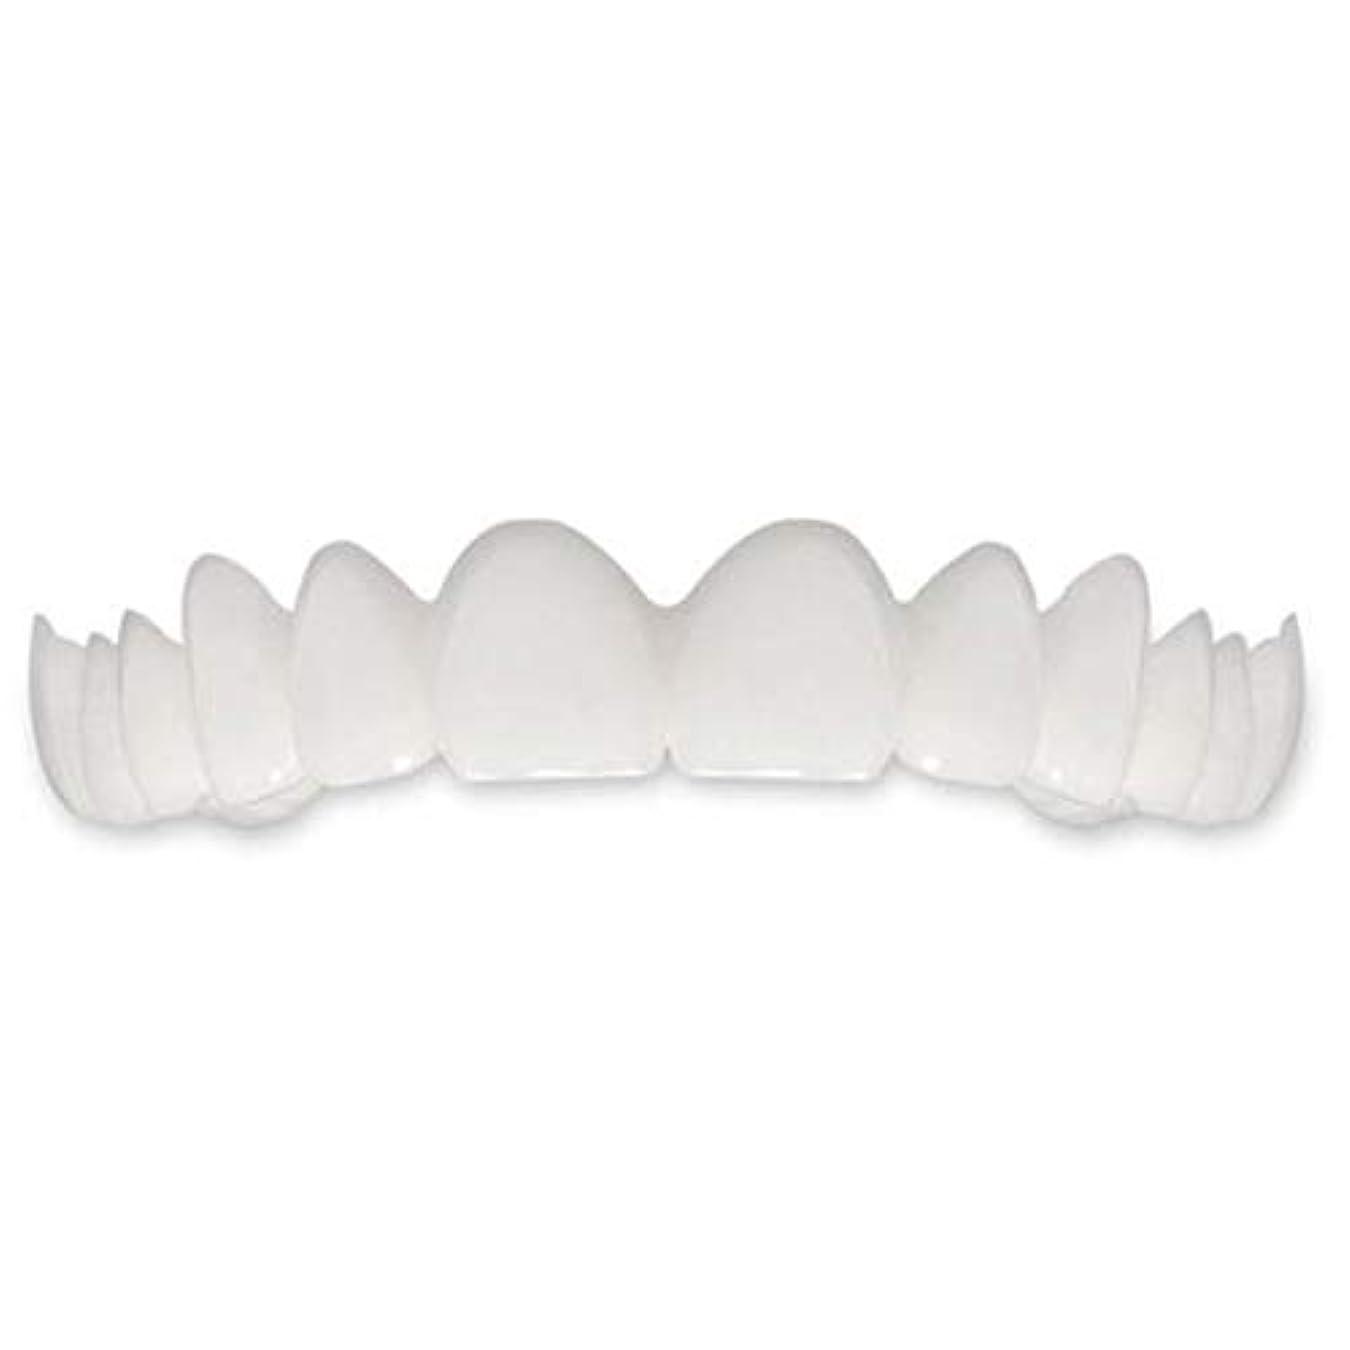 を除く自分の著名な笑顔の偽歯カバーを白くする歯の瞬間の完璧な笑顔フレックス歯 - ホワイト